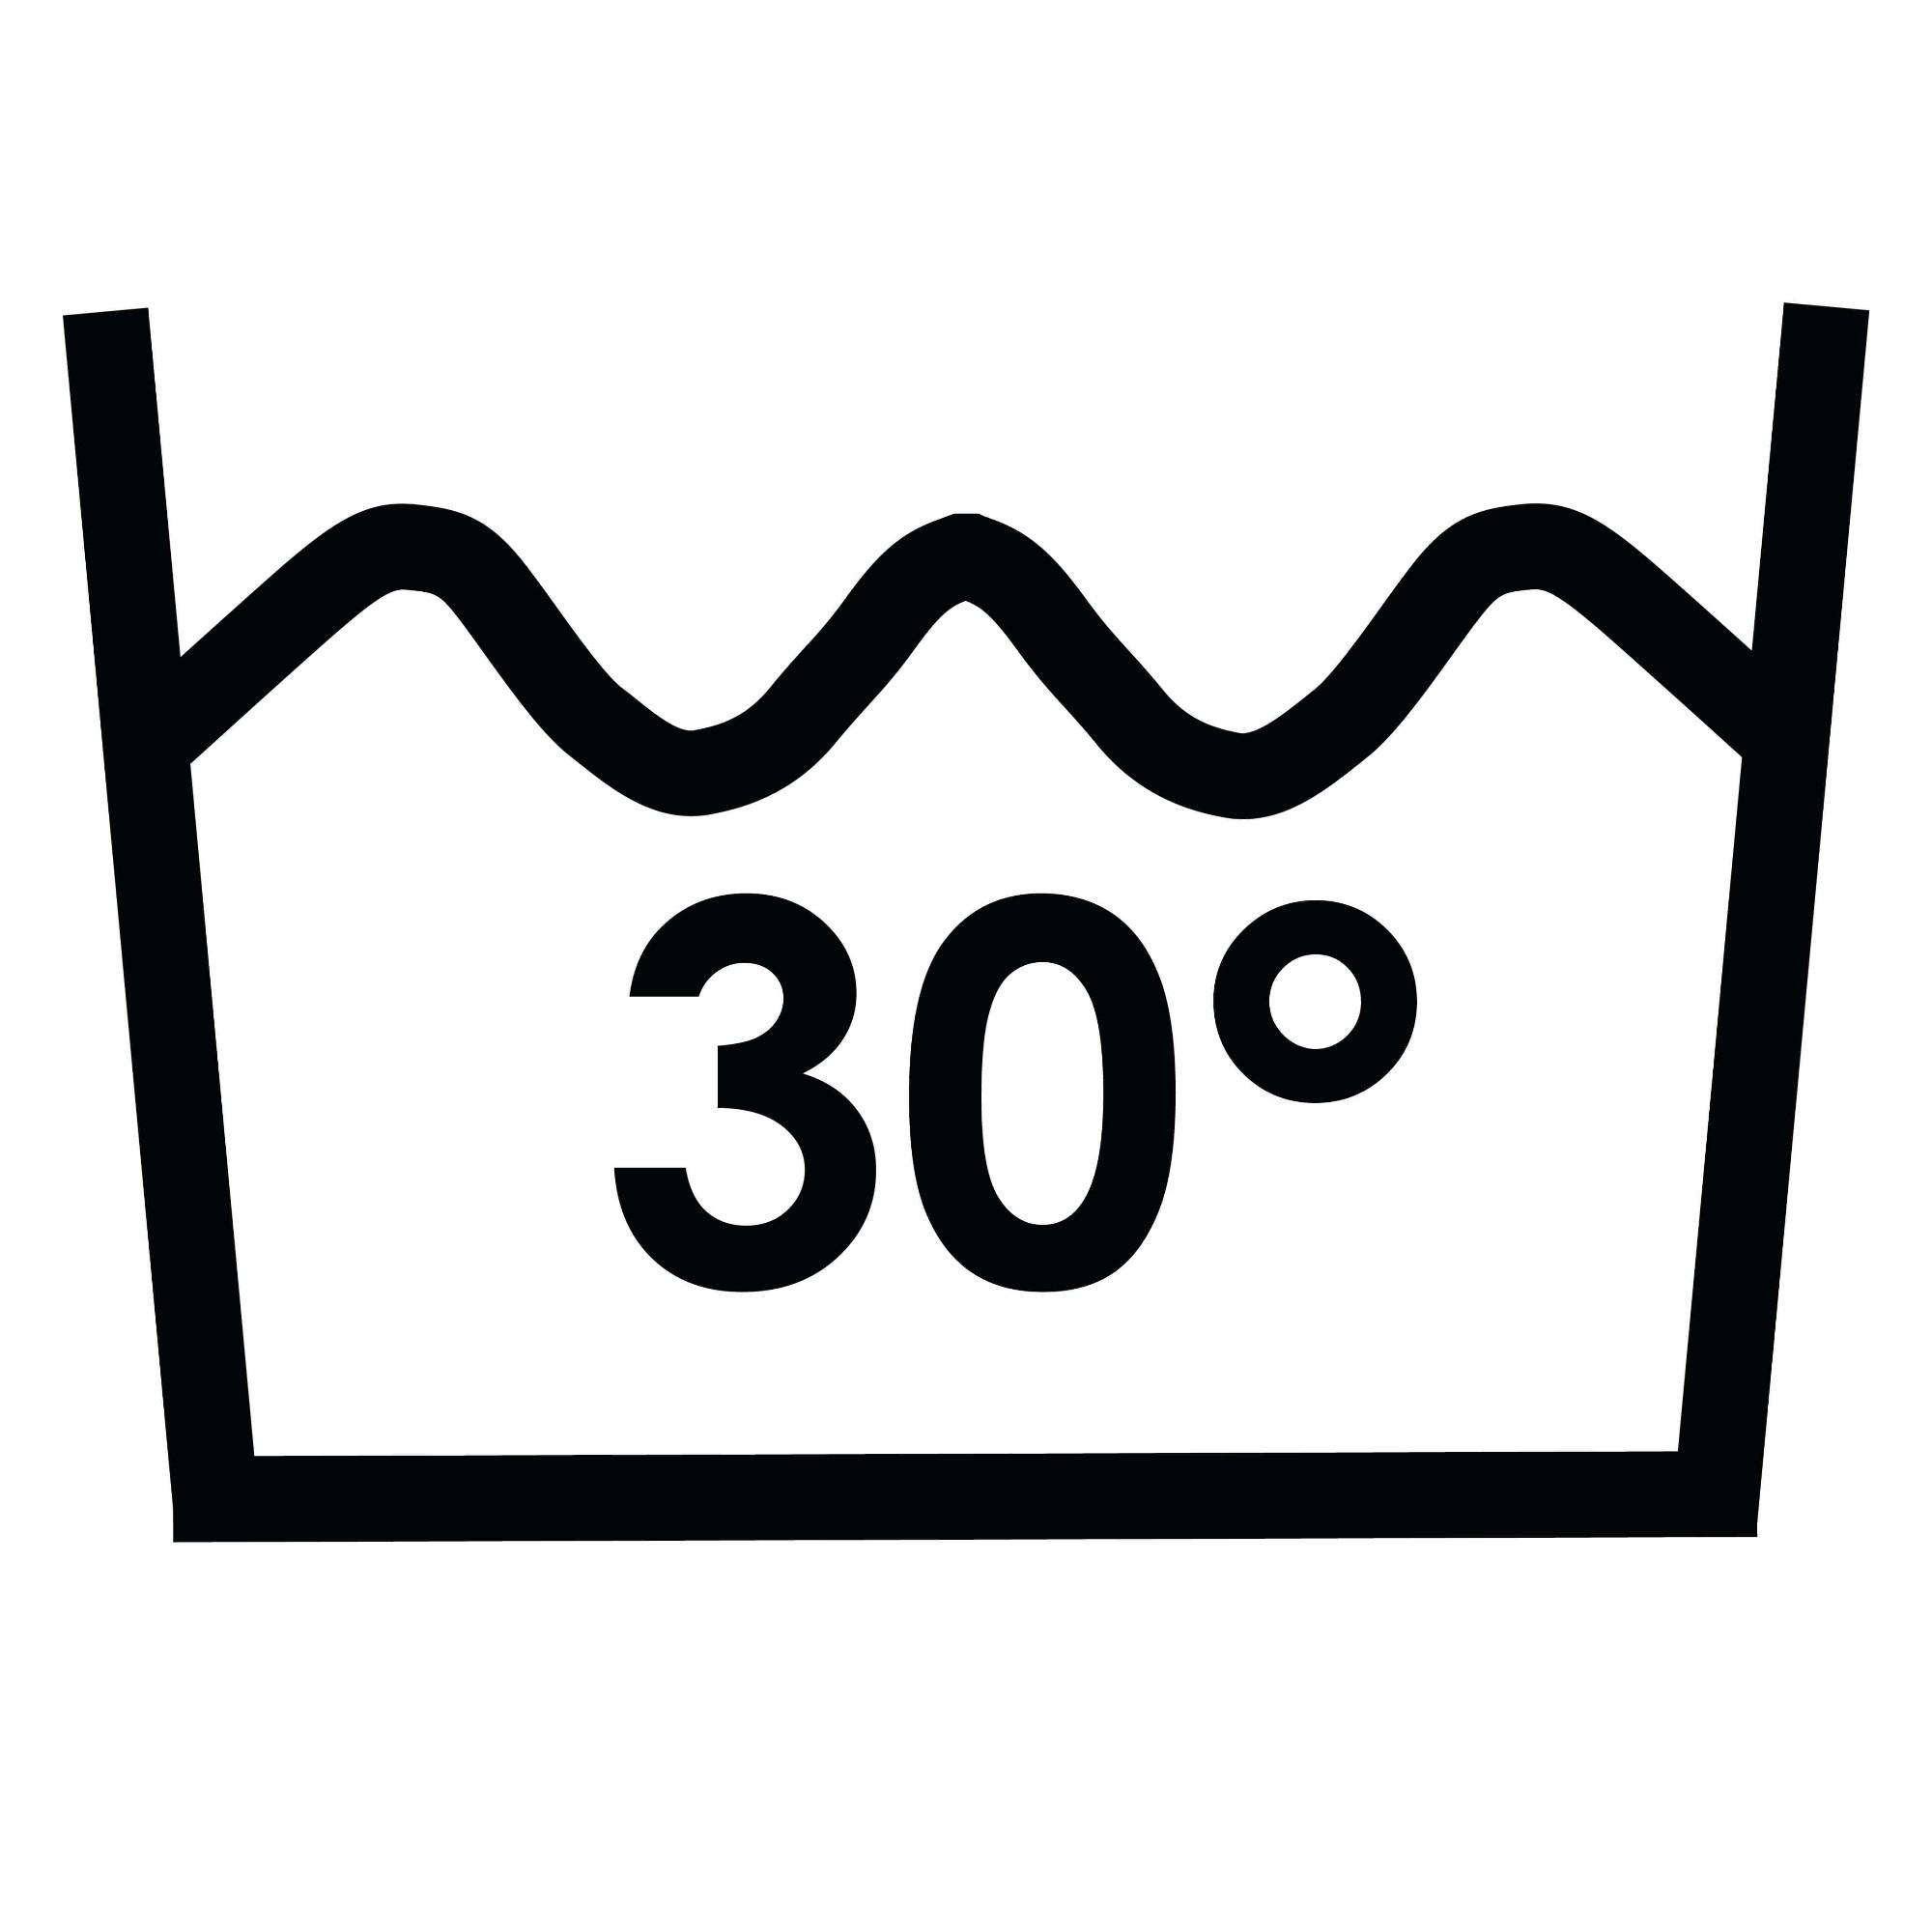 Mazgāt ūdenī (līdz 30°С)